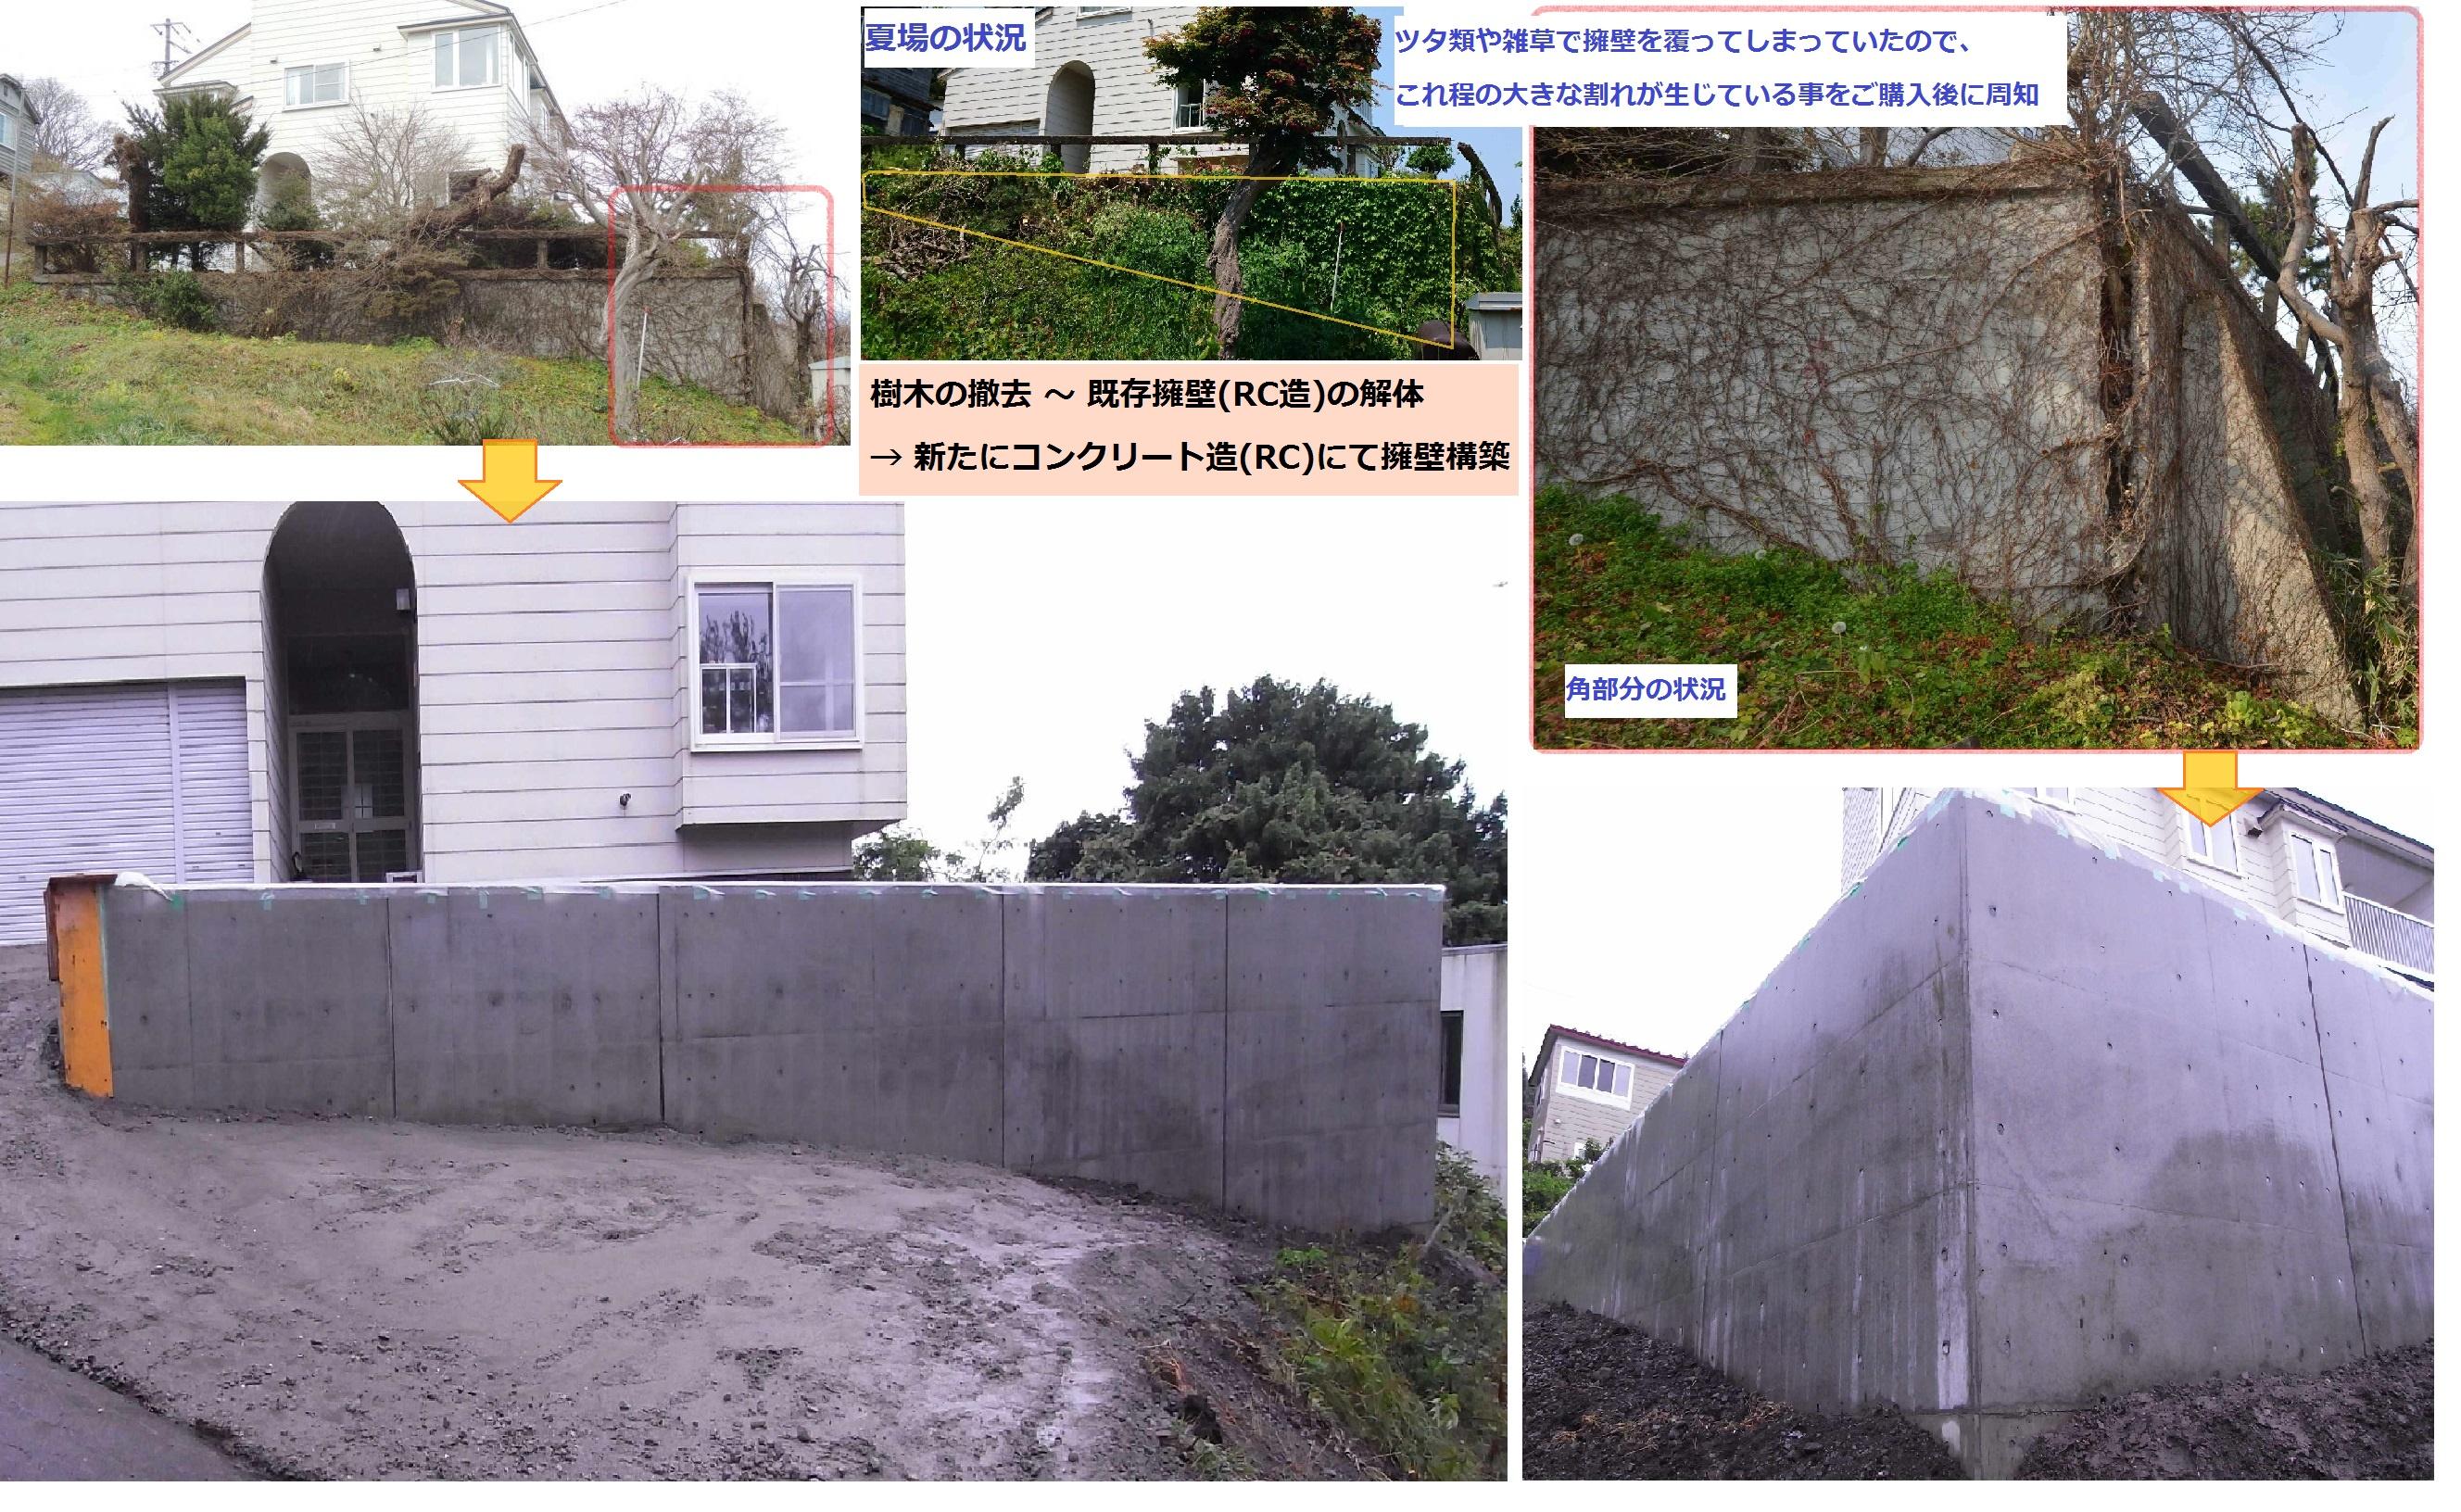 コンクリート擁壁を新たに造替え